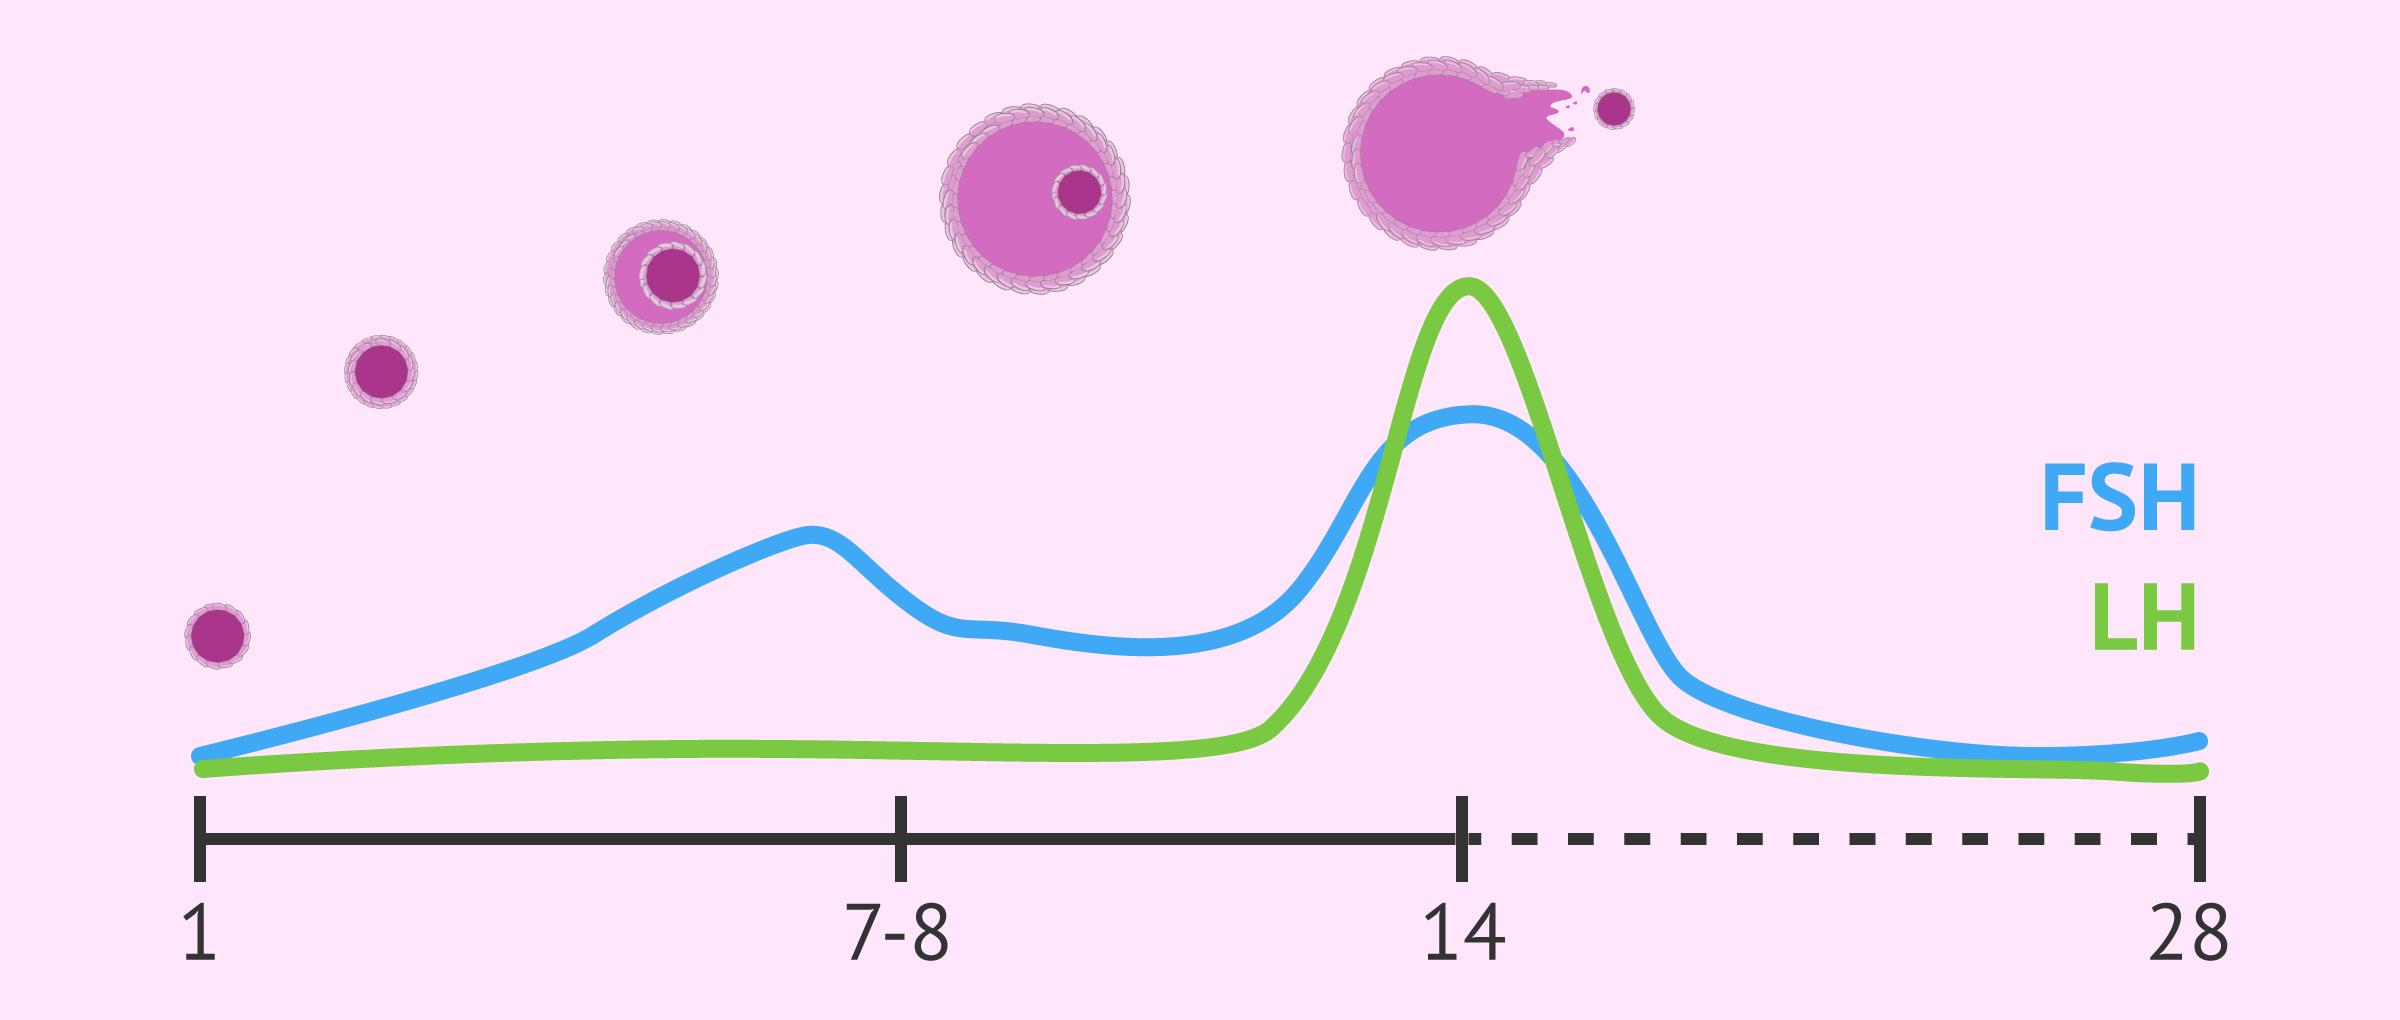 Nivells de FSH i LH durant el cicle menstrual